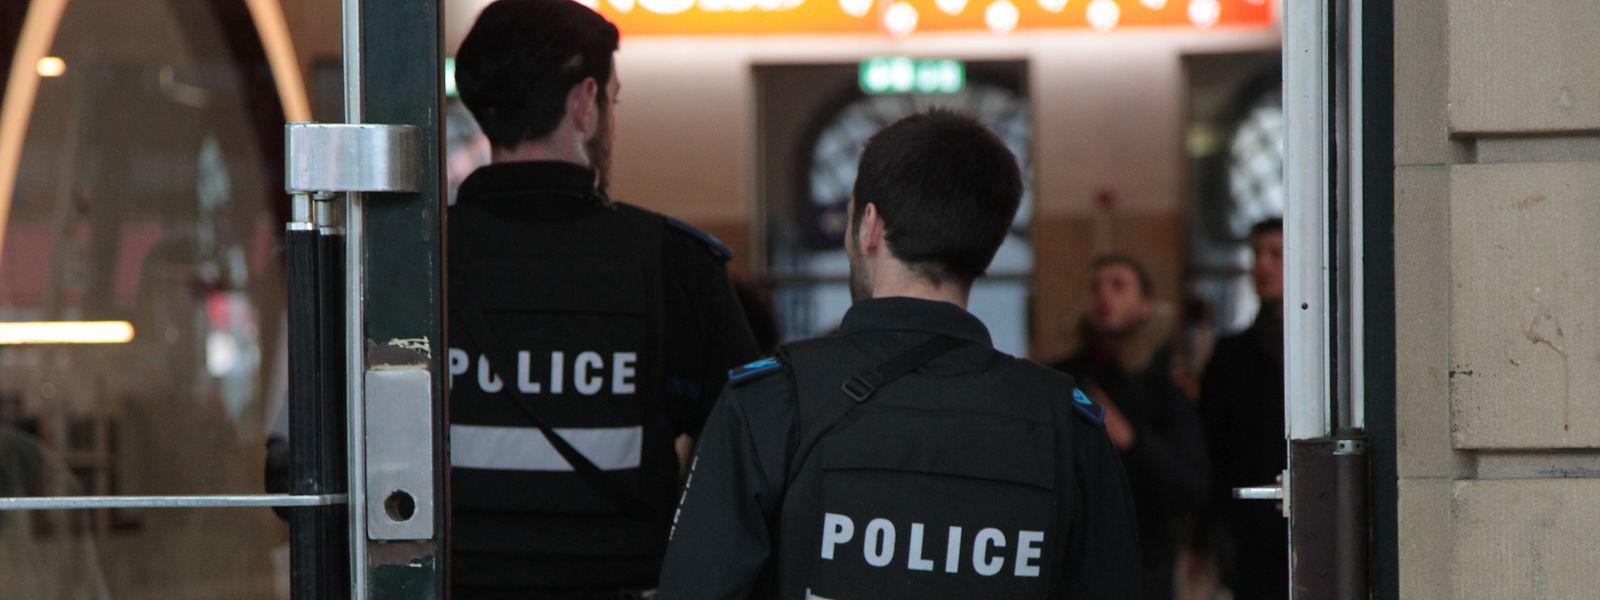 Fin 2019, l'effectif de police avait déjà été renforcé dans le quartier de la gare de Luxembourg, mais pas suffisamment selon les autorités de la ville.